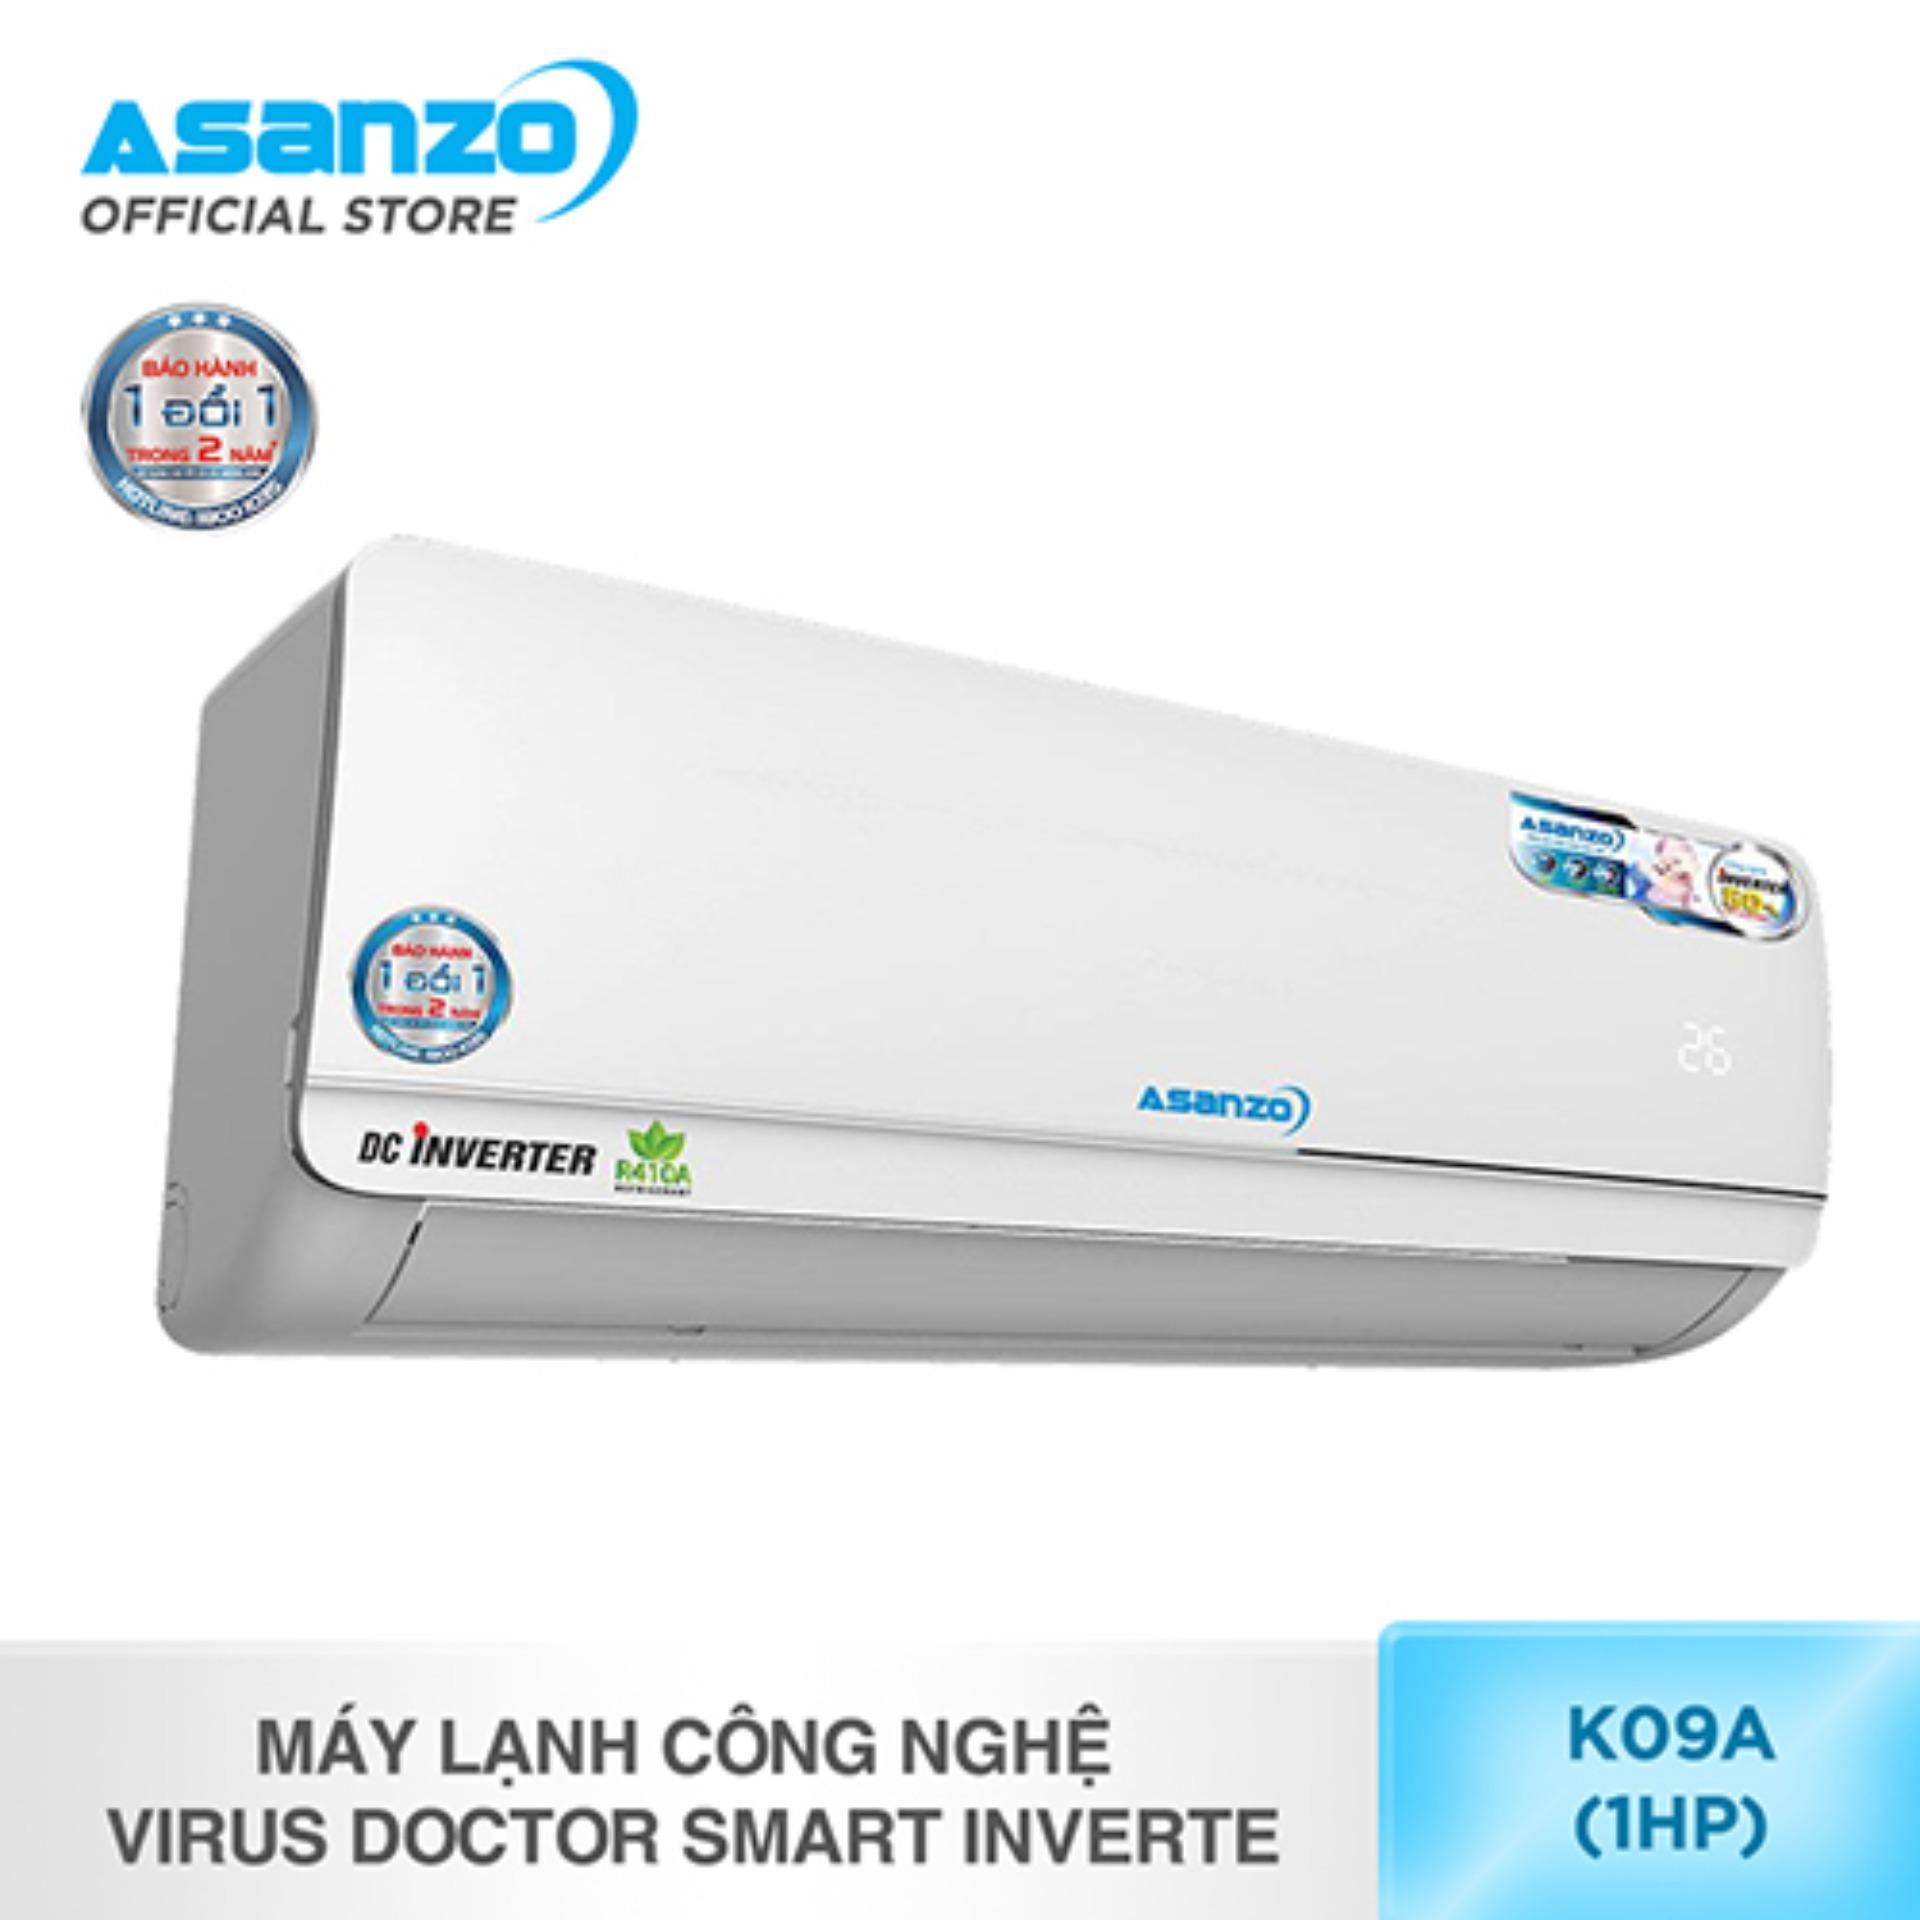 Kết quả hình ảnh cho máy lạnh asanzo k09A